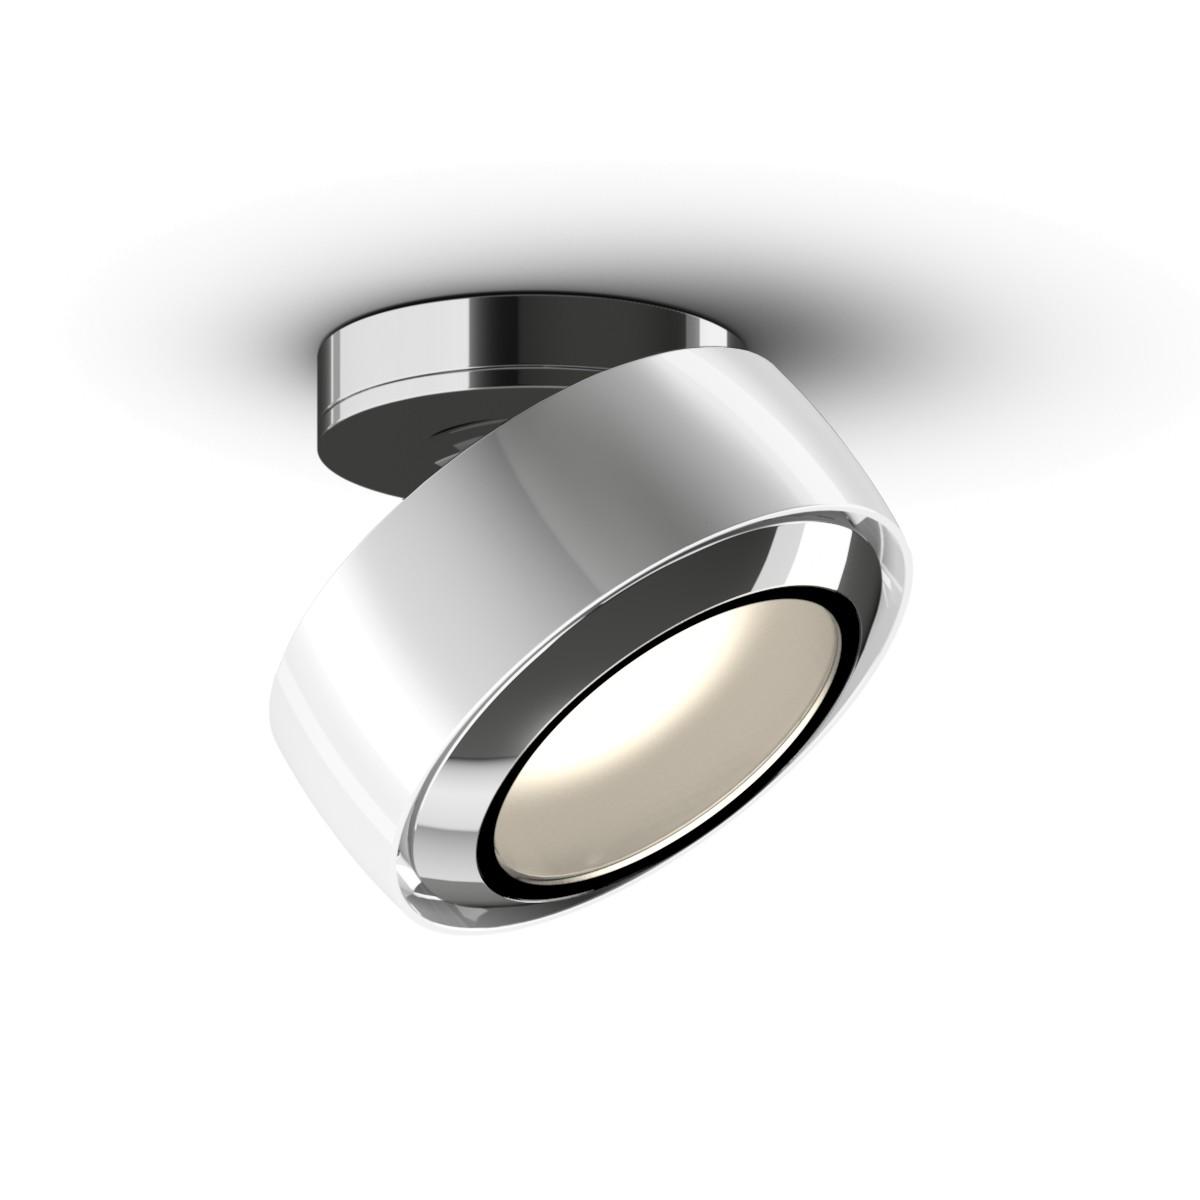 Occhio Più R alto Volt S40 Deckenstrahler, 2700 K, weiß glänzend / Chrom